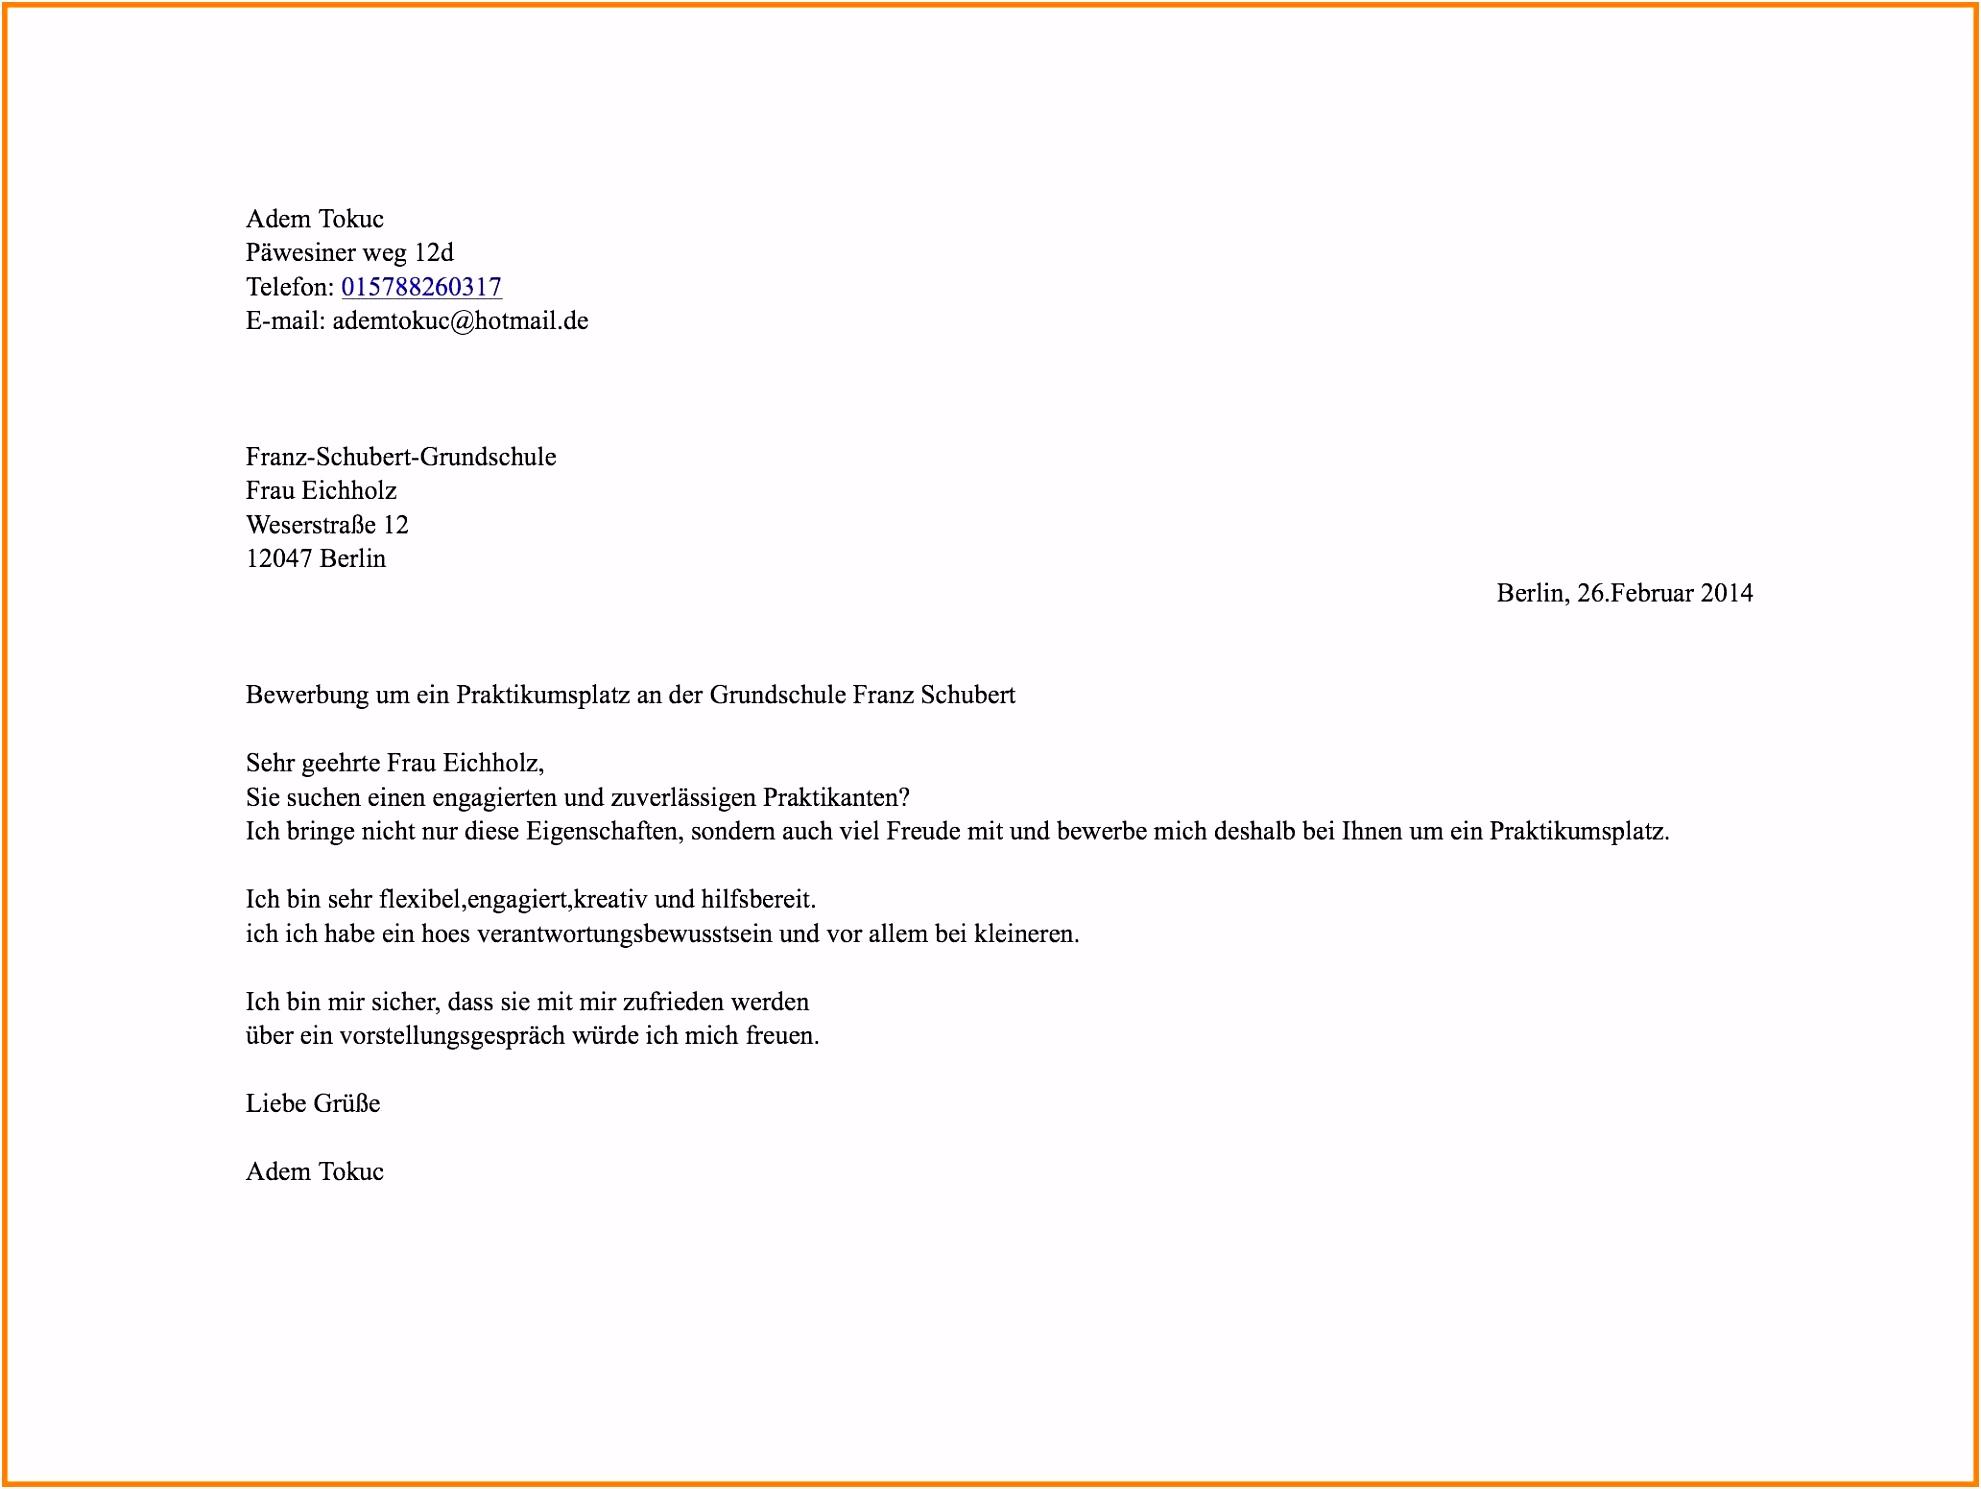 Kundigung Wegen Firmenschliesung Vorlage 17 Bewerbung Raumpflegerin B5la65dwt1 O2ddm6bpn0